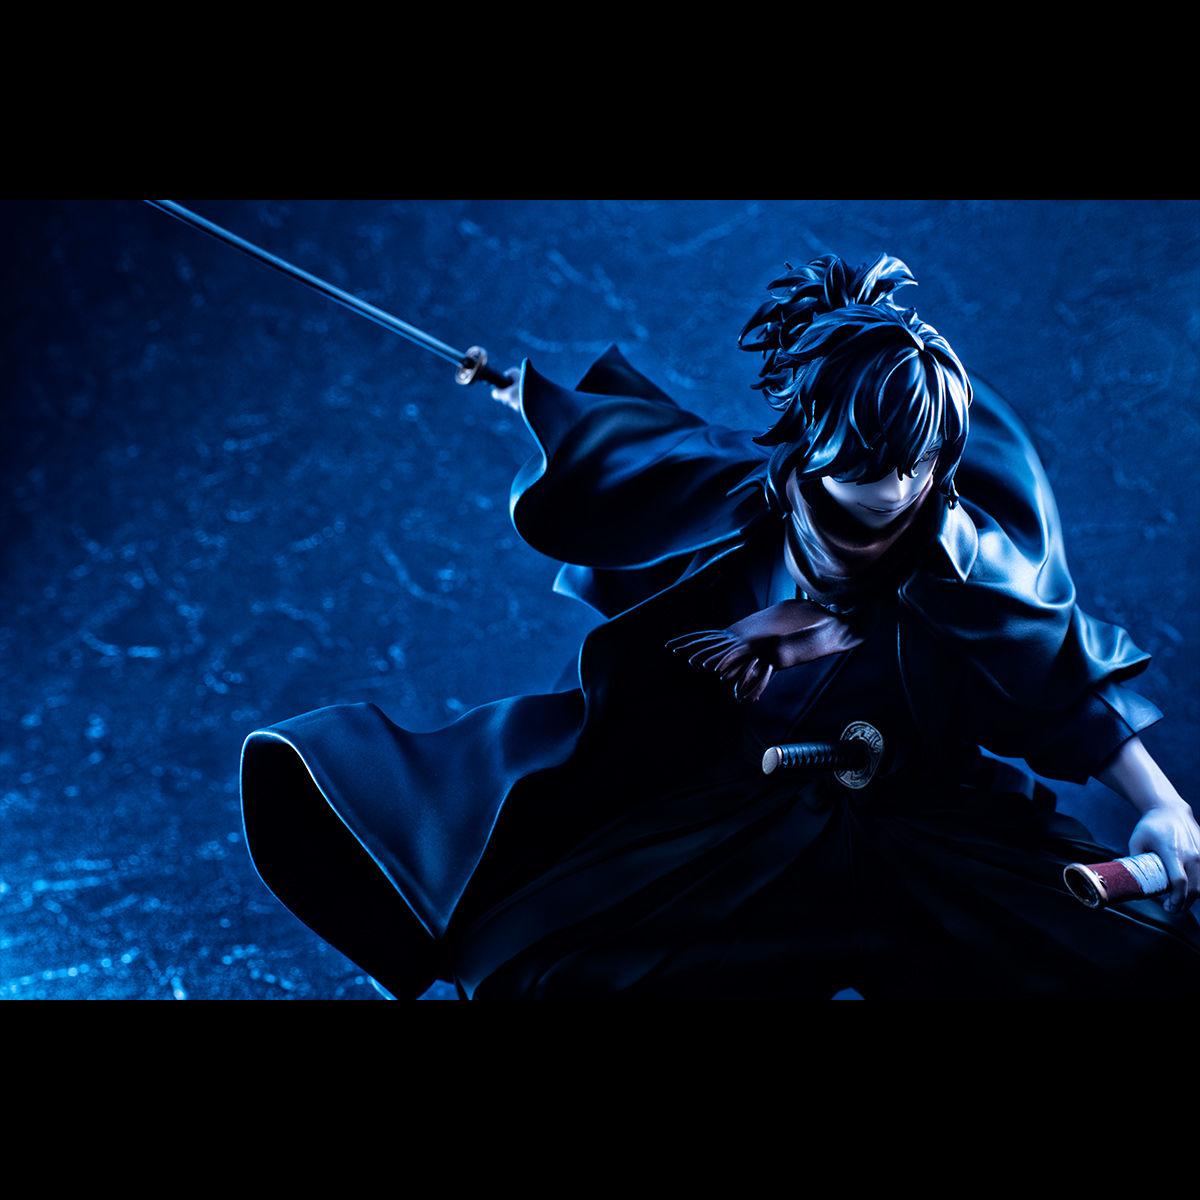 【限定販売】Fate/Grand Order『アサシン/岡田以蔵』1/8 完成品フィギュア-008